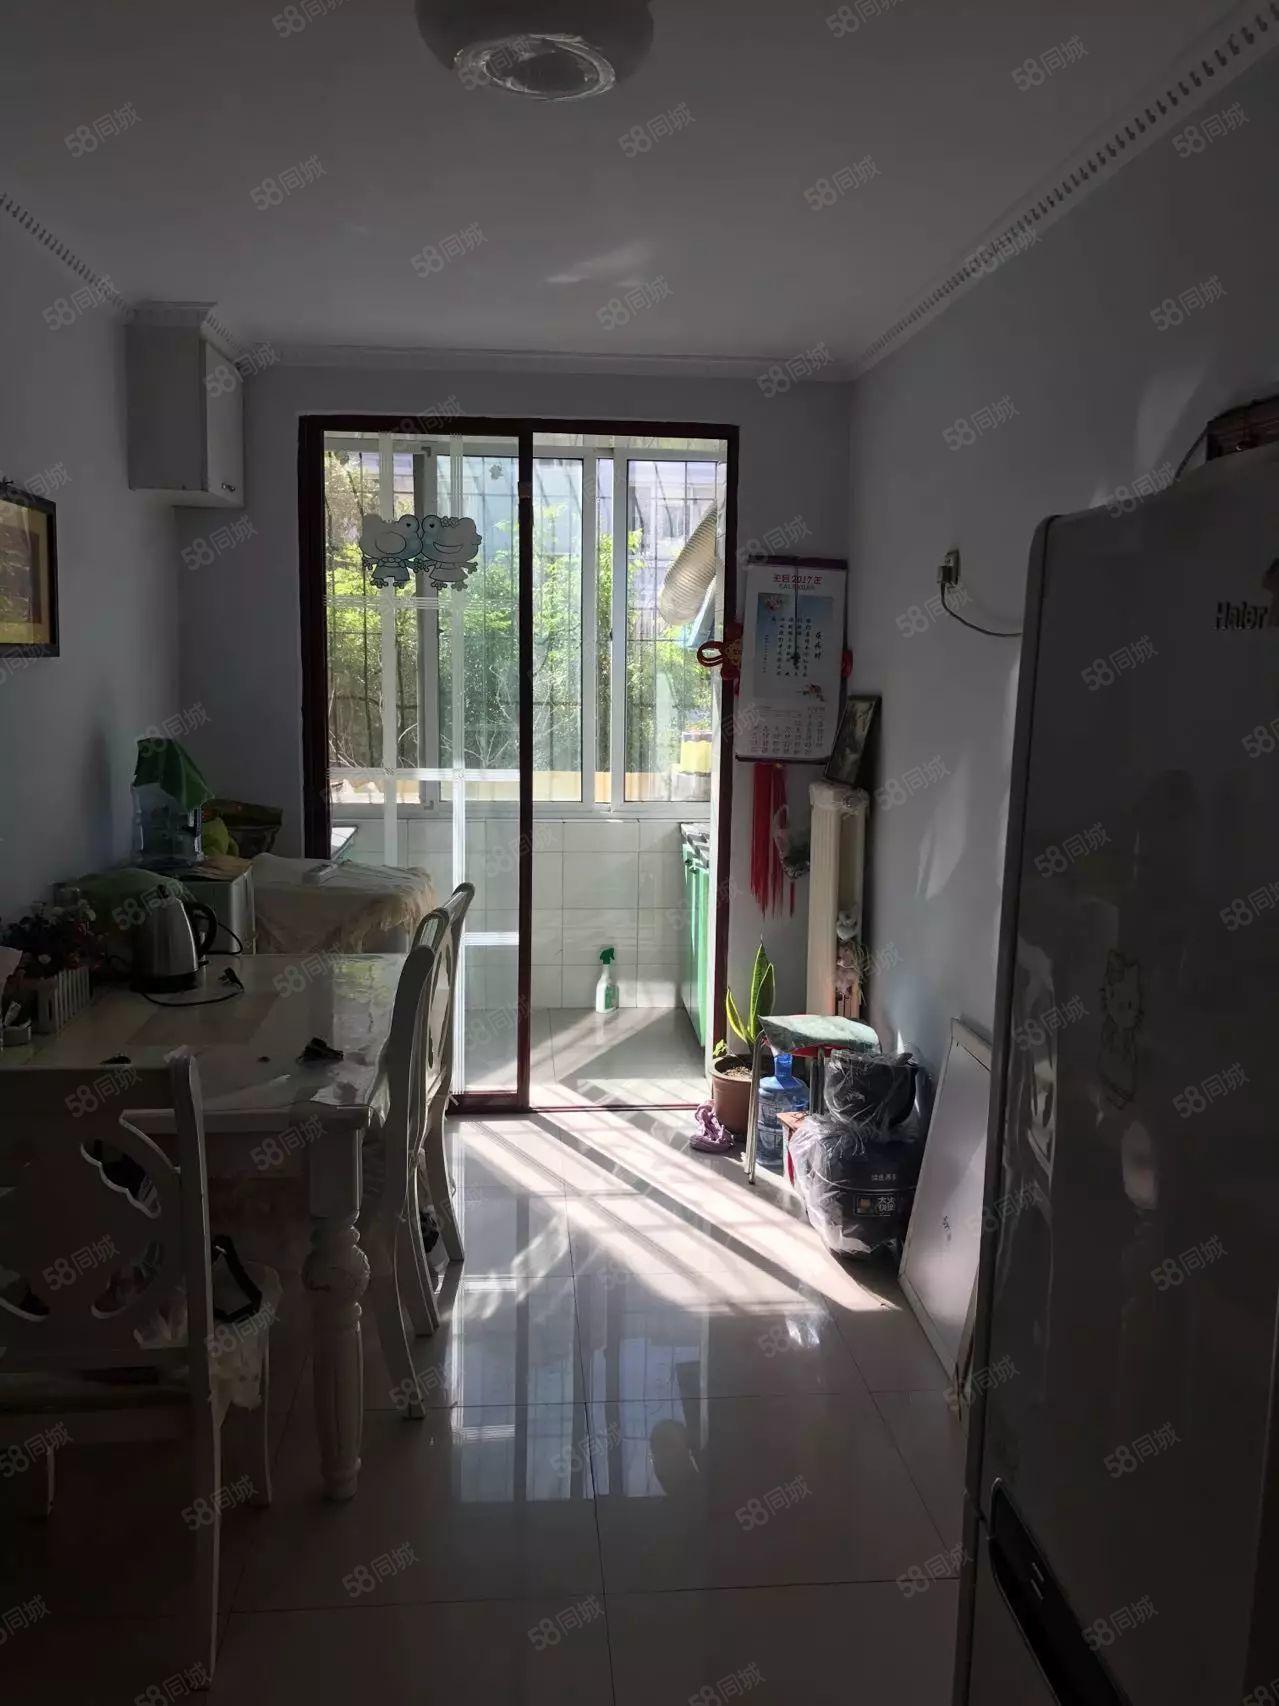 包取暖,宽带,幸福家园2居,押一付一,月租1500元,2楼